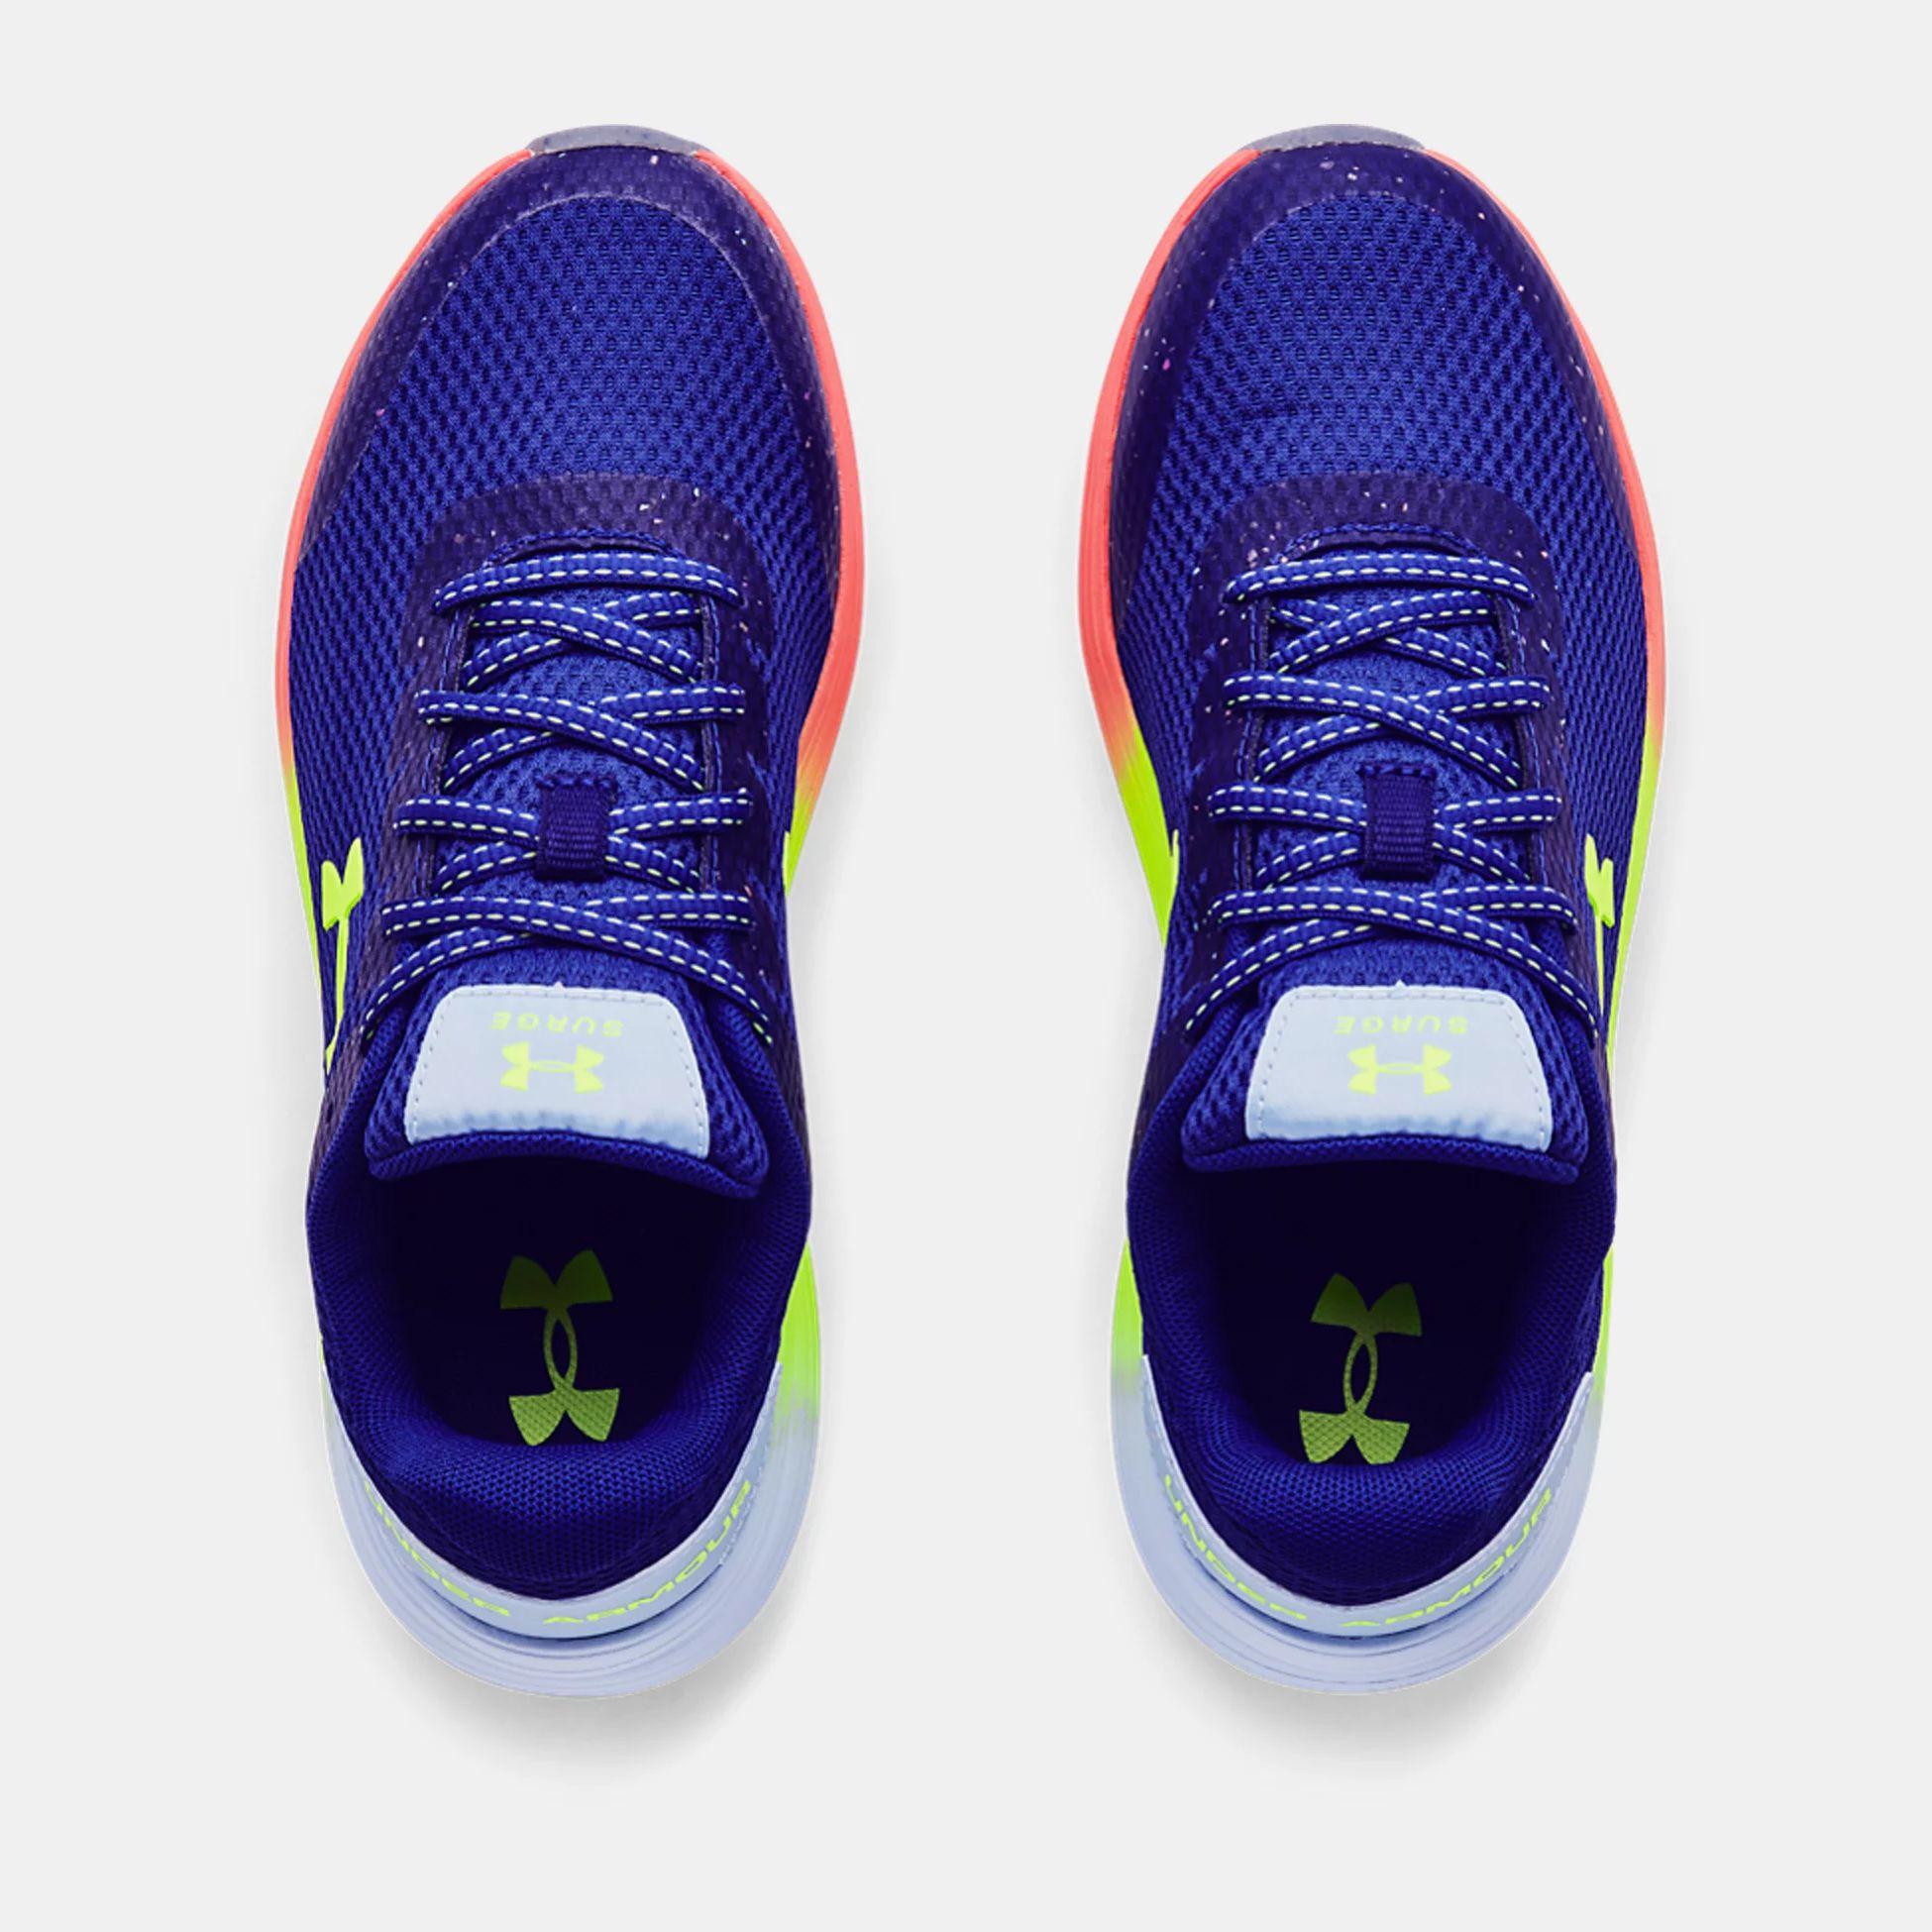 Shoes -  under armour Grade School Surge 2 Splash 4102